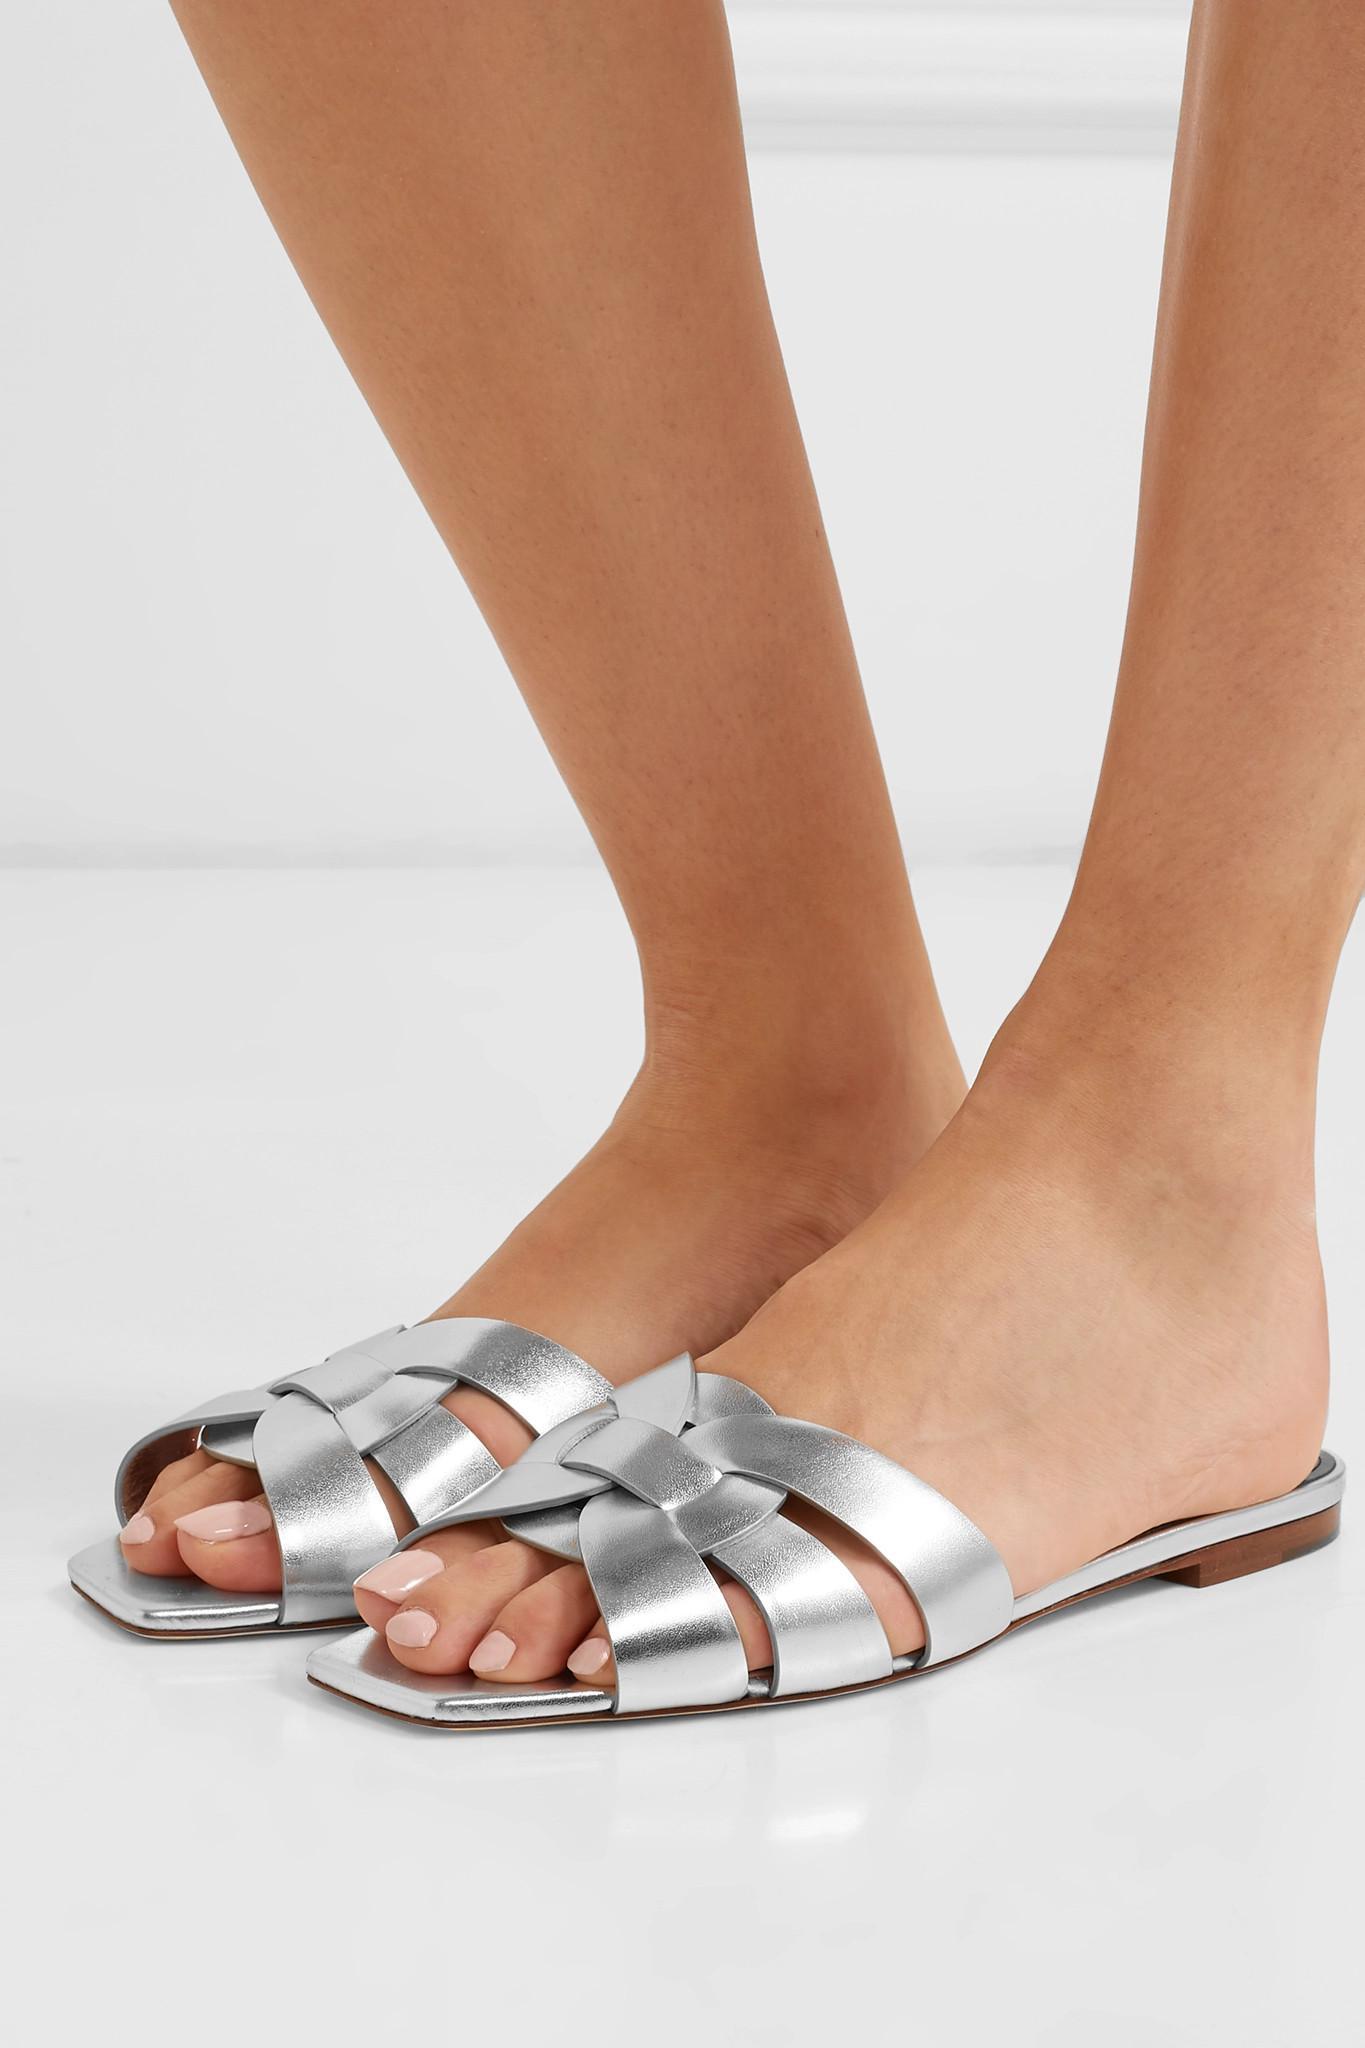 64a43943a2e saint-laurent-silver-Nu-Pieds-Woven-Metallic-Leather-Slides.jpeg